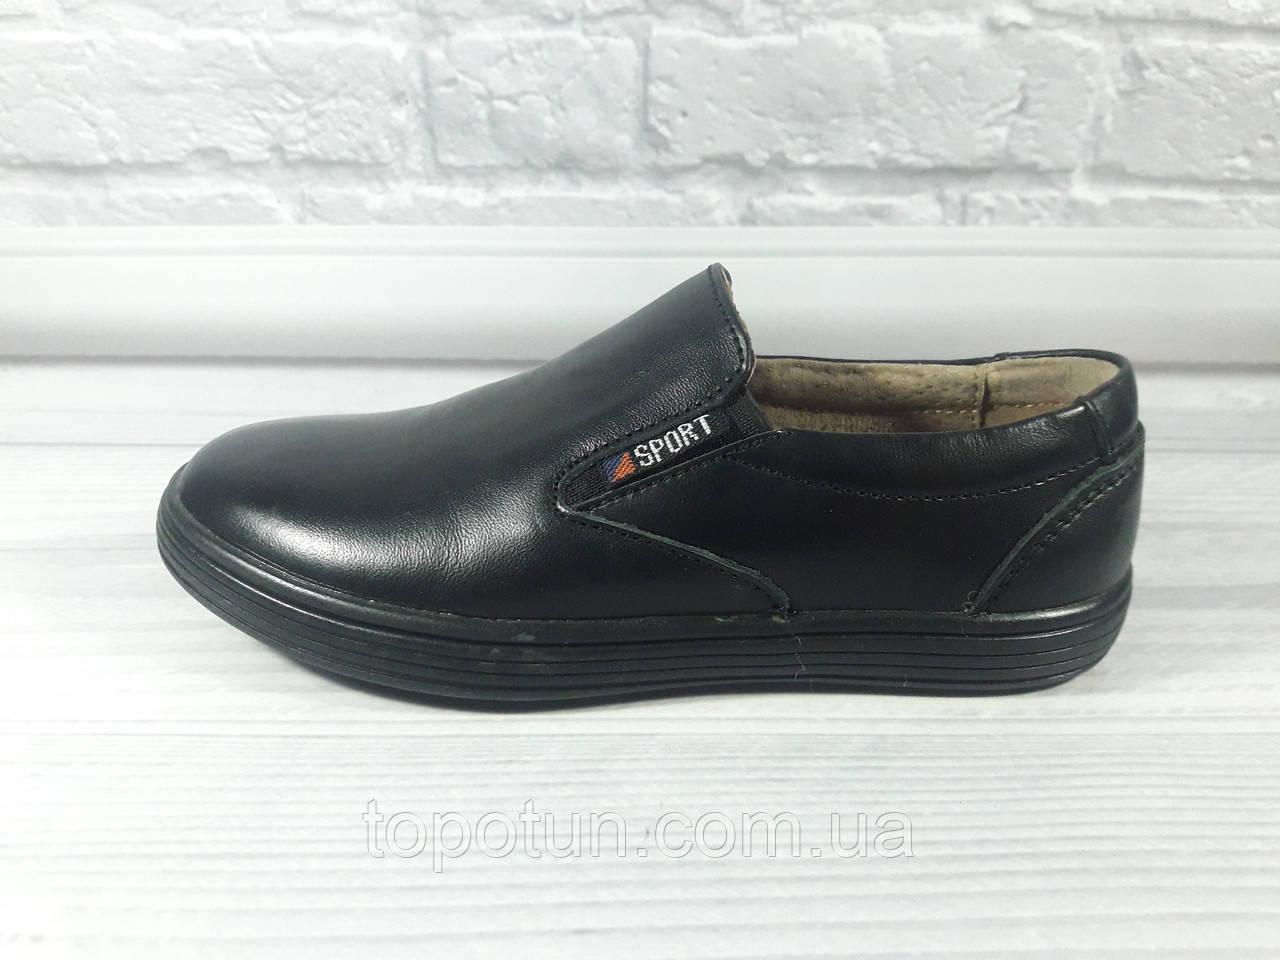 """Школьные туфли для мальчика """"Kangfu"""" кожаные Размер: 28"""